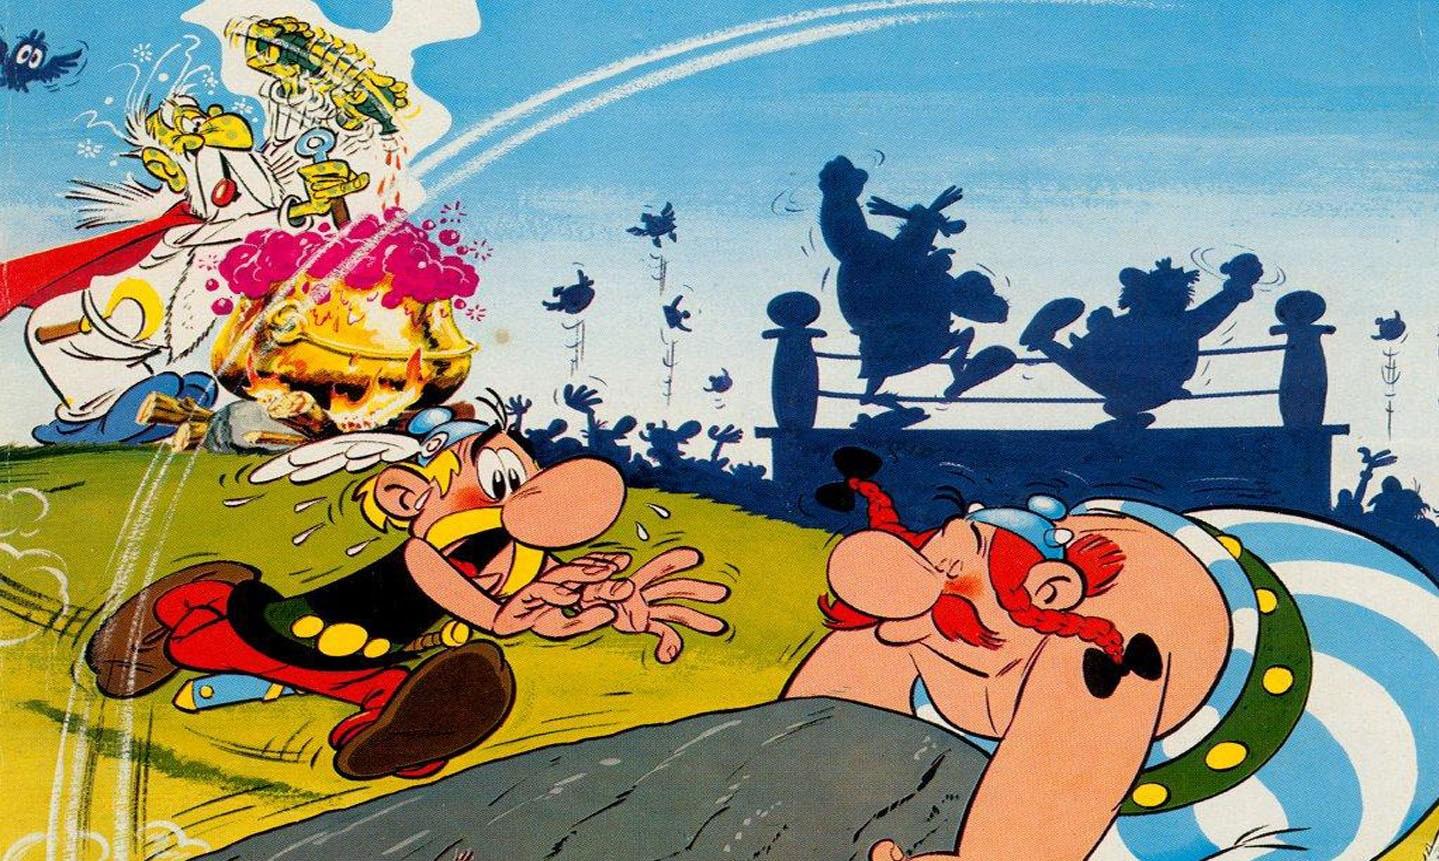 Νέες λεπτομέρειες για το remaster του Asterix & Obelix XXL 2